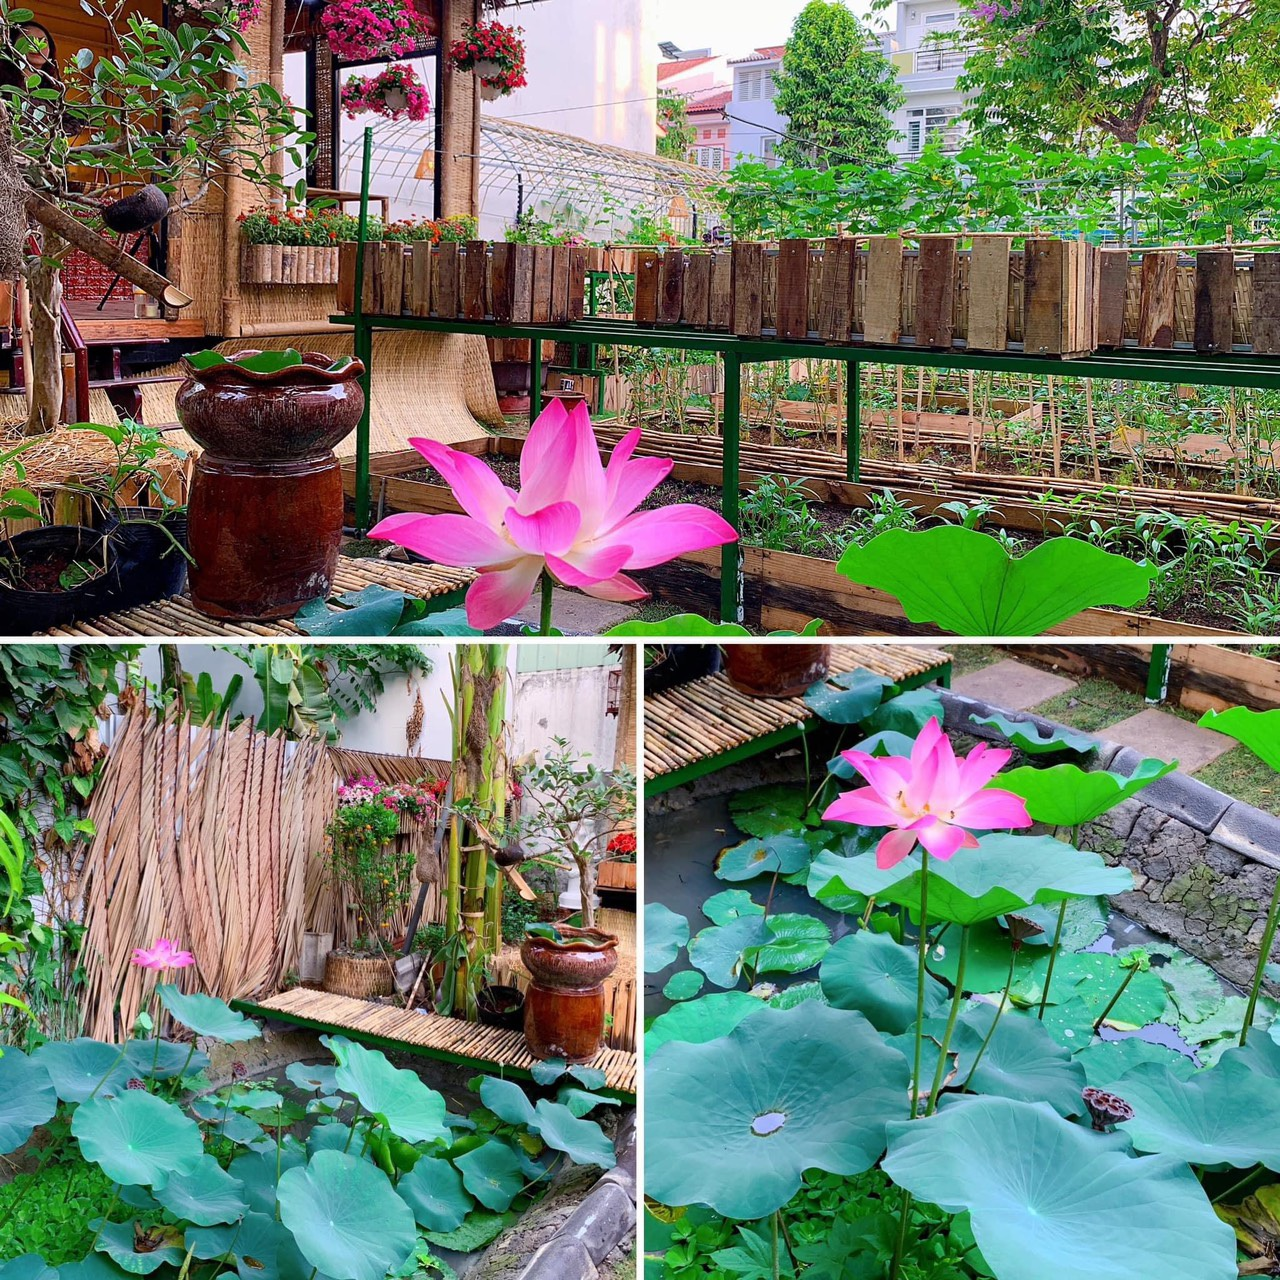 Bỏ 50 triệu đồng cải tạo vườn chuối thành khu sinh thái trong mơ - 6